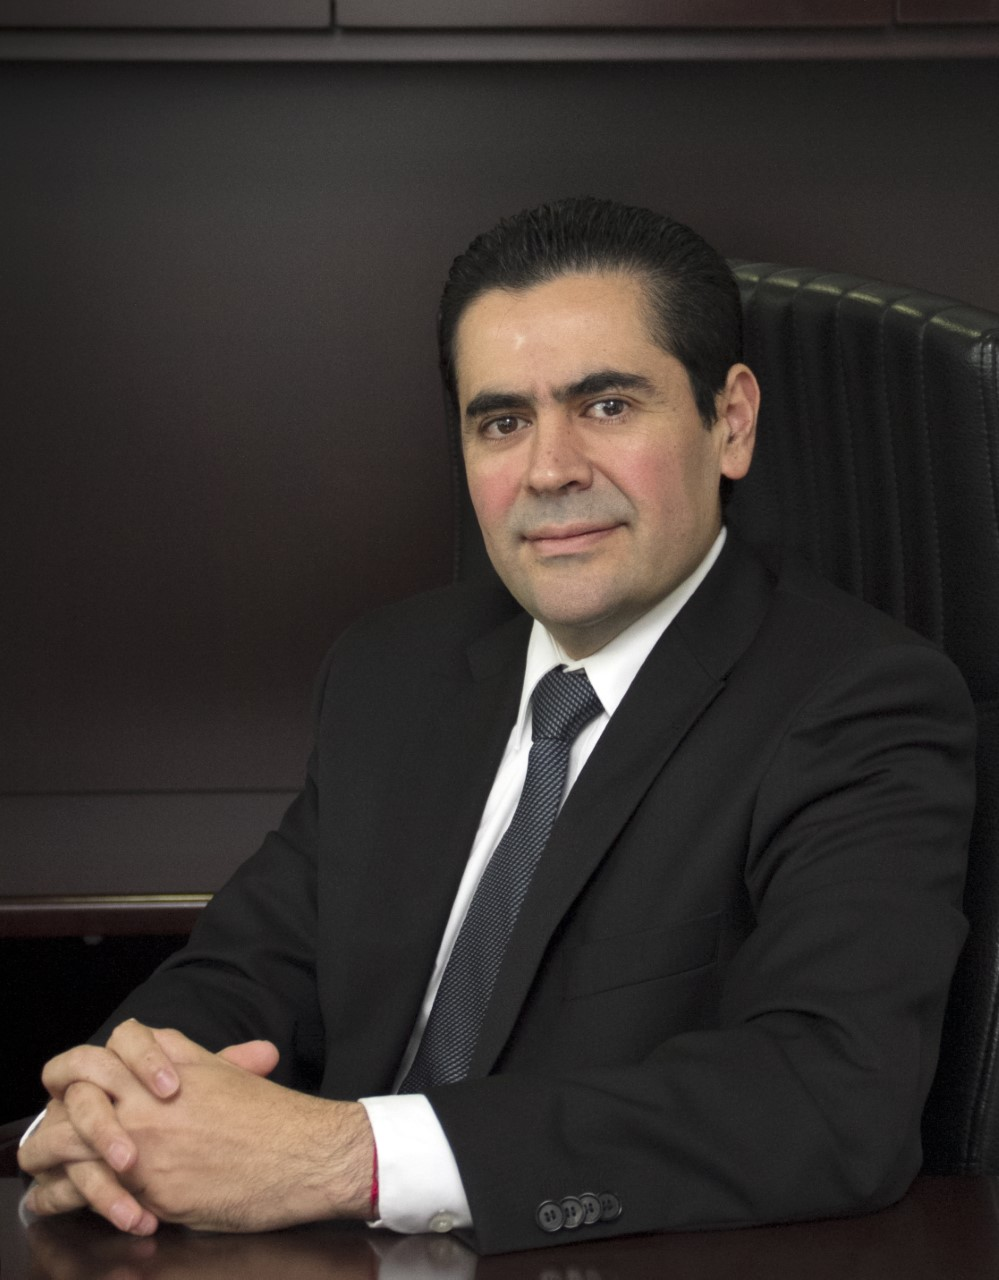 Alza en costos de espectro puede restar atractivo a invertir en México